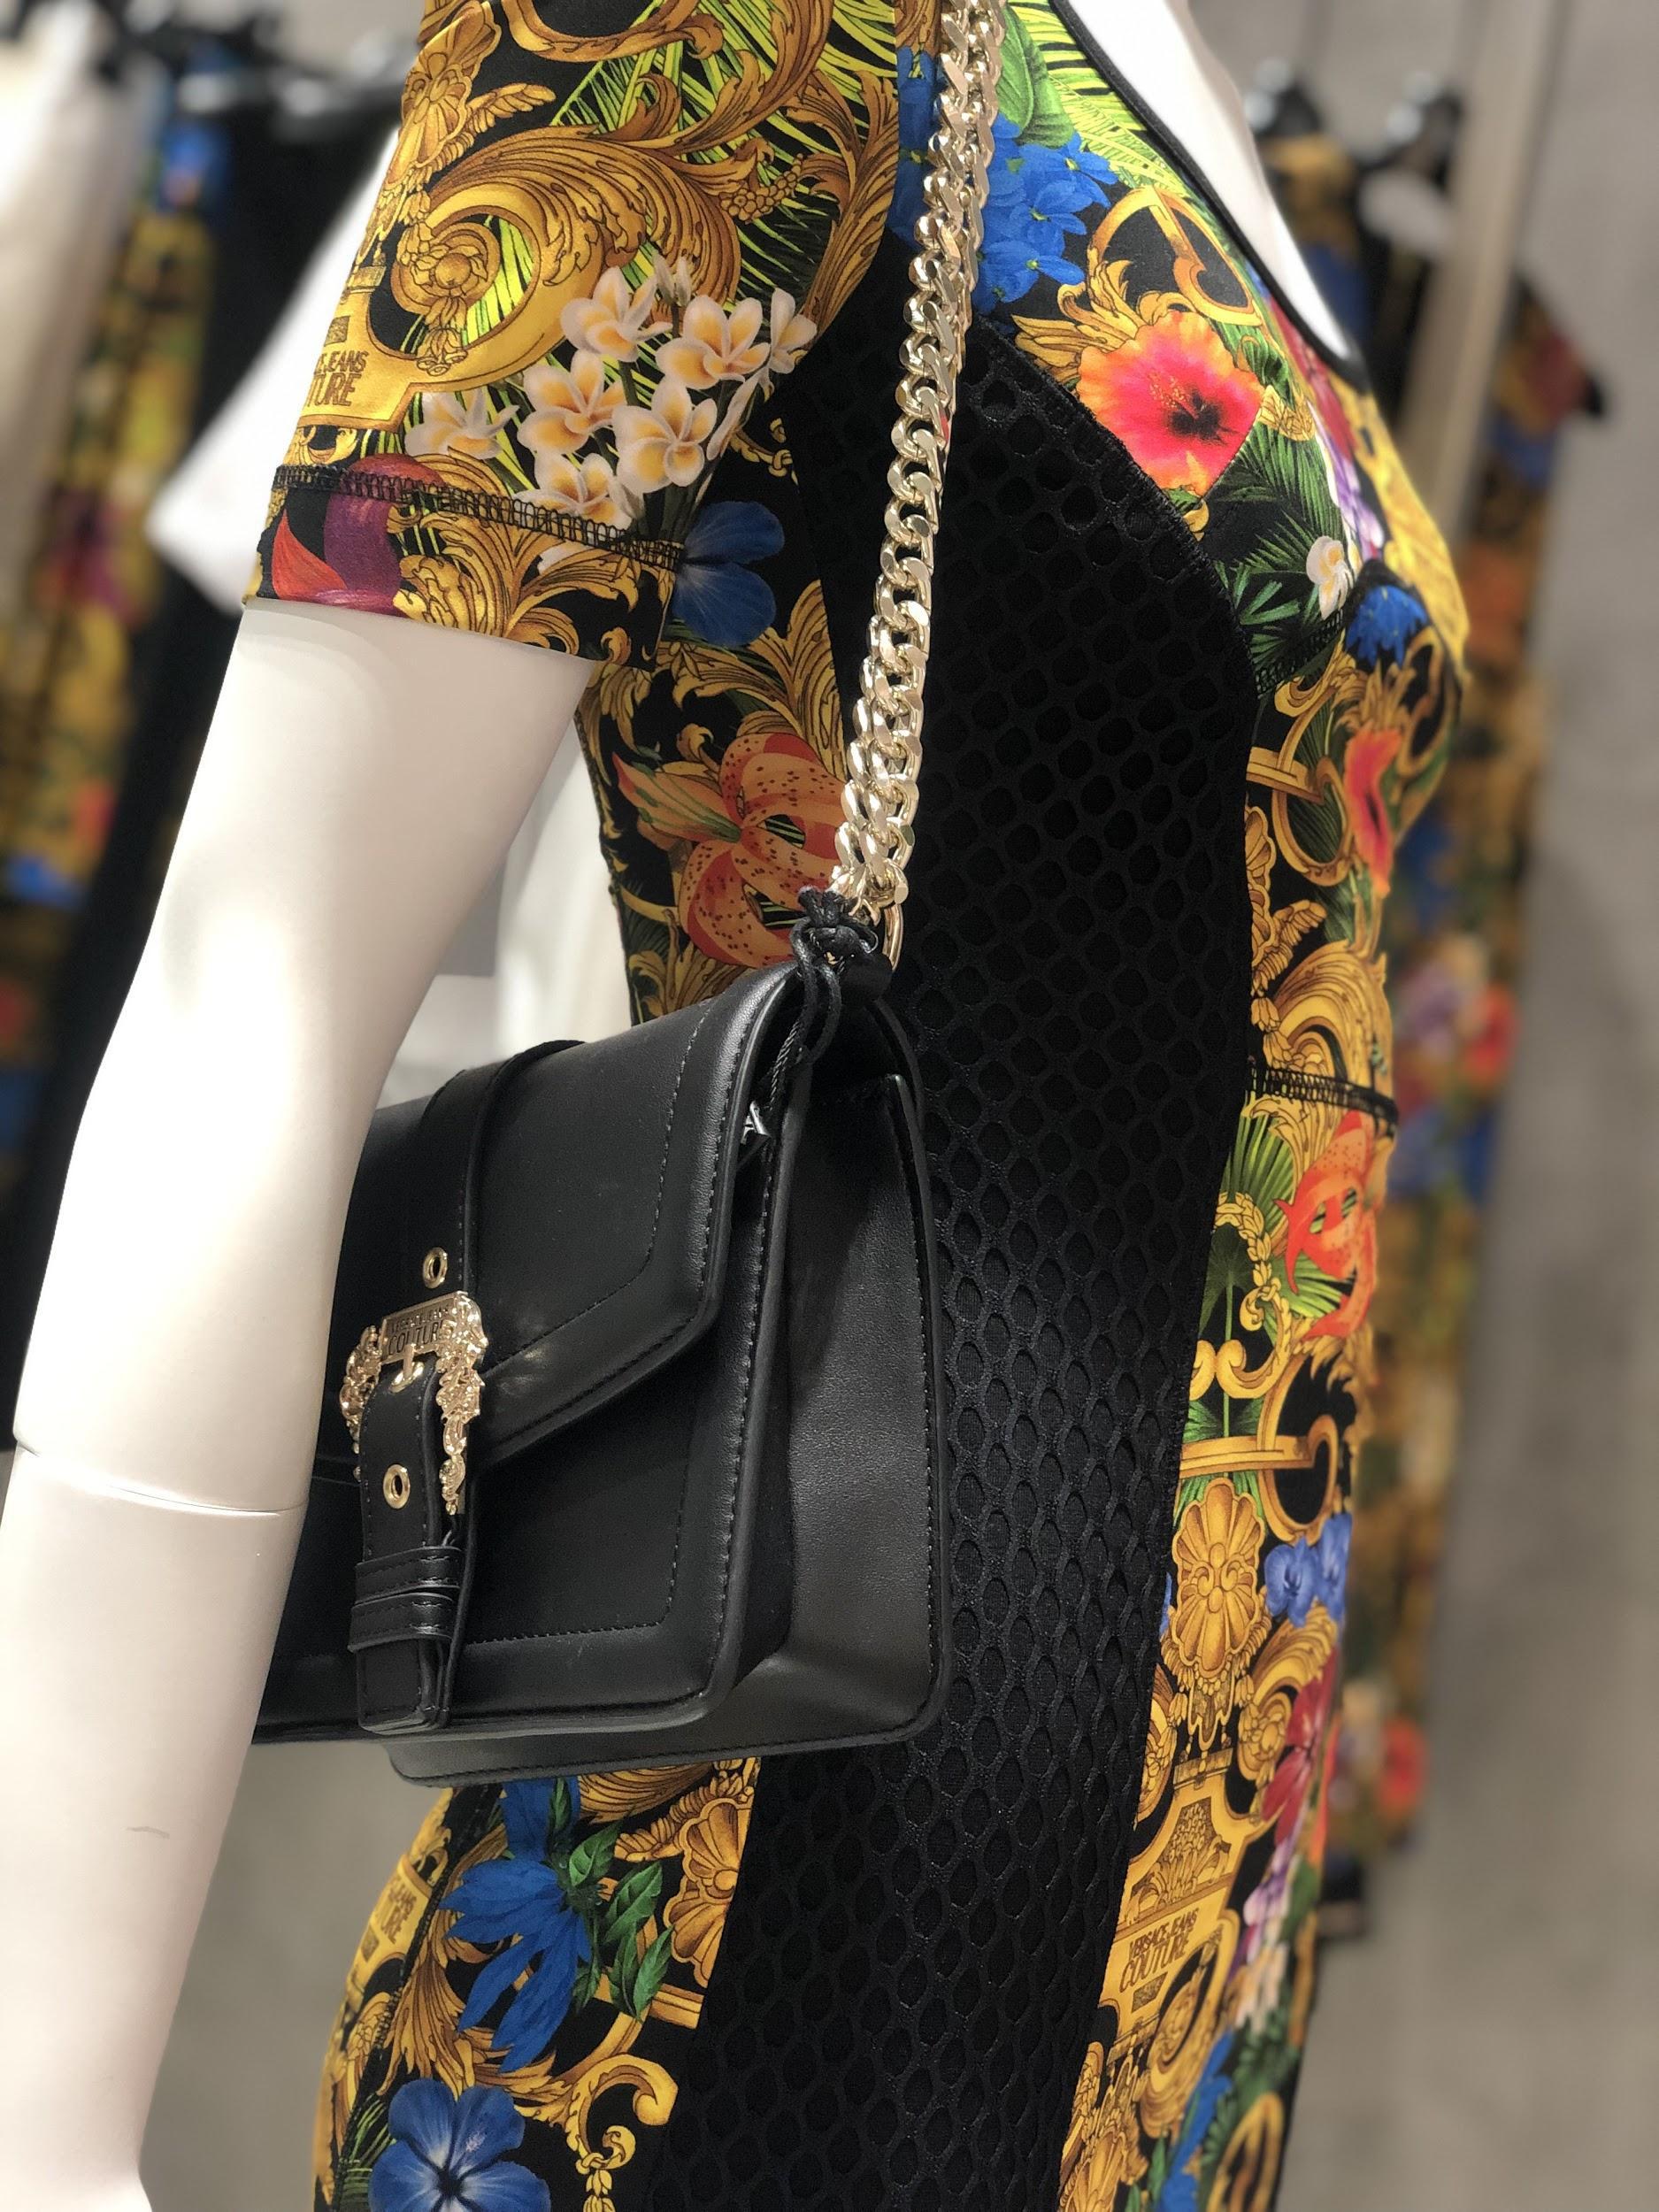 Đột nhập khu mua sắm xa xỉ bậc nhất quận 7 với sự góp mặt của 5 ông lớn ngành thời trang thế giới - Ảnh 8.